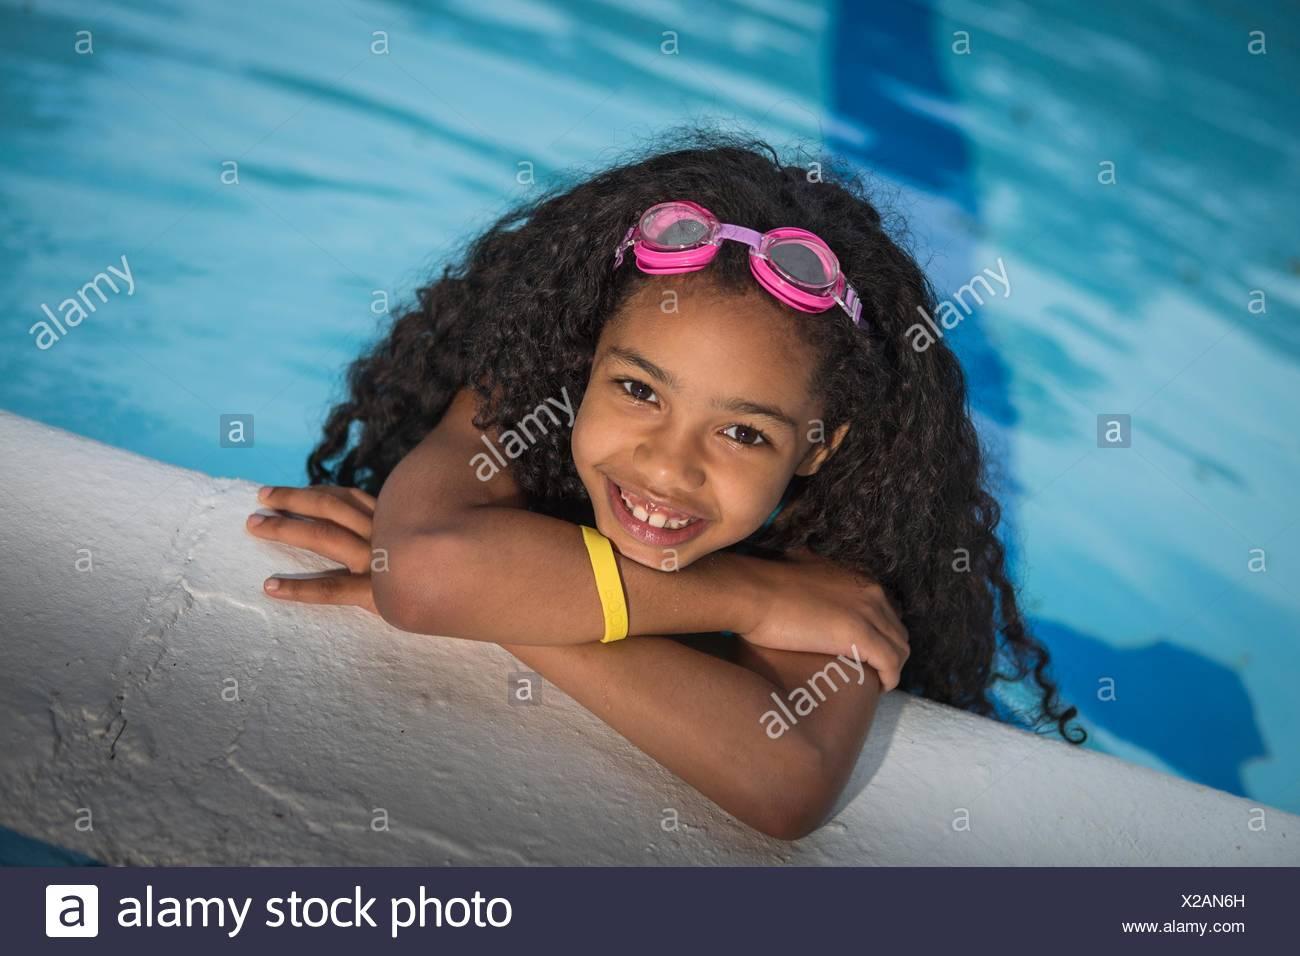 Retrato de chica con rizado pelo negro colgando sobre el borde de la piscina, mirando a la cámara sonriendo Imagen De Stock